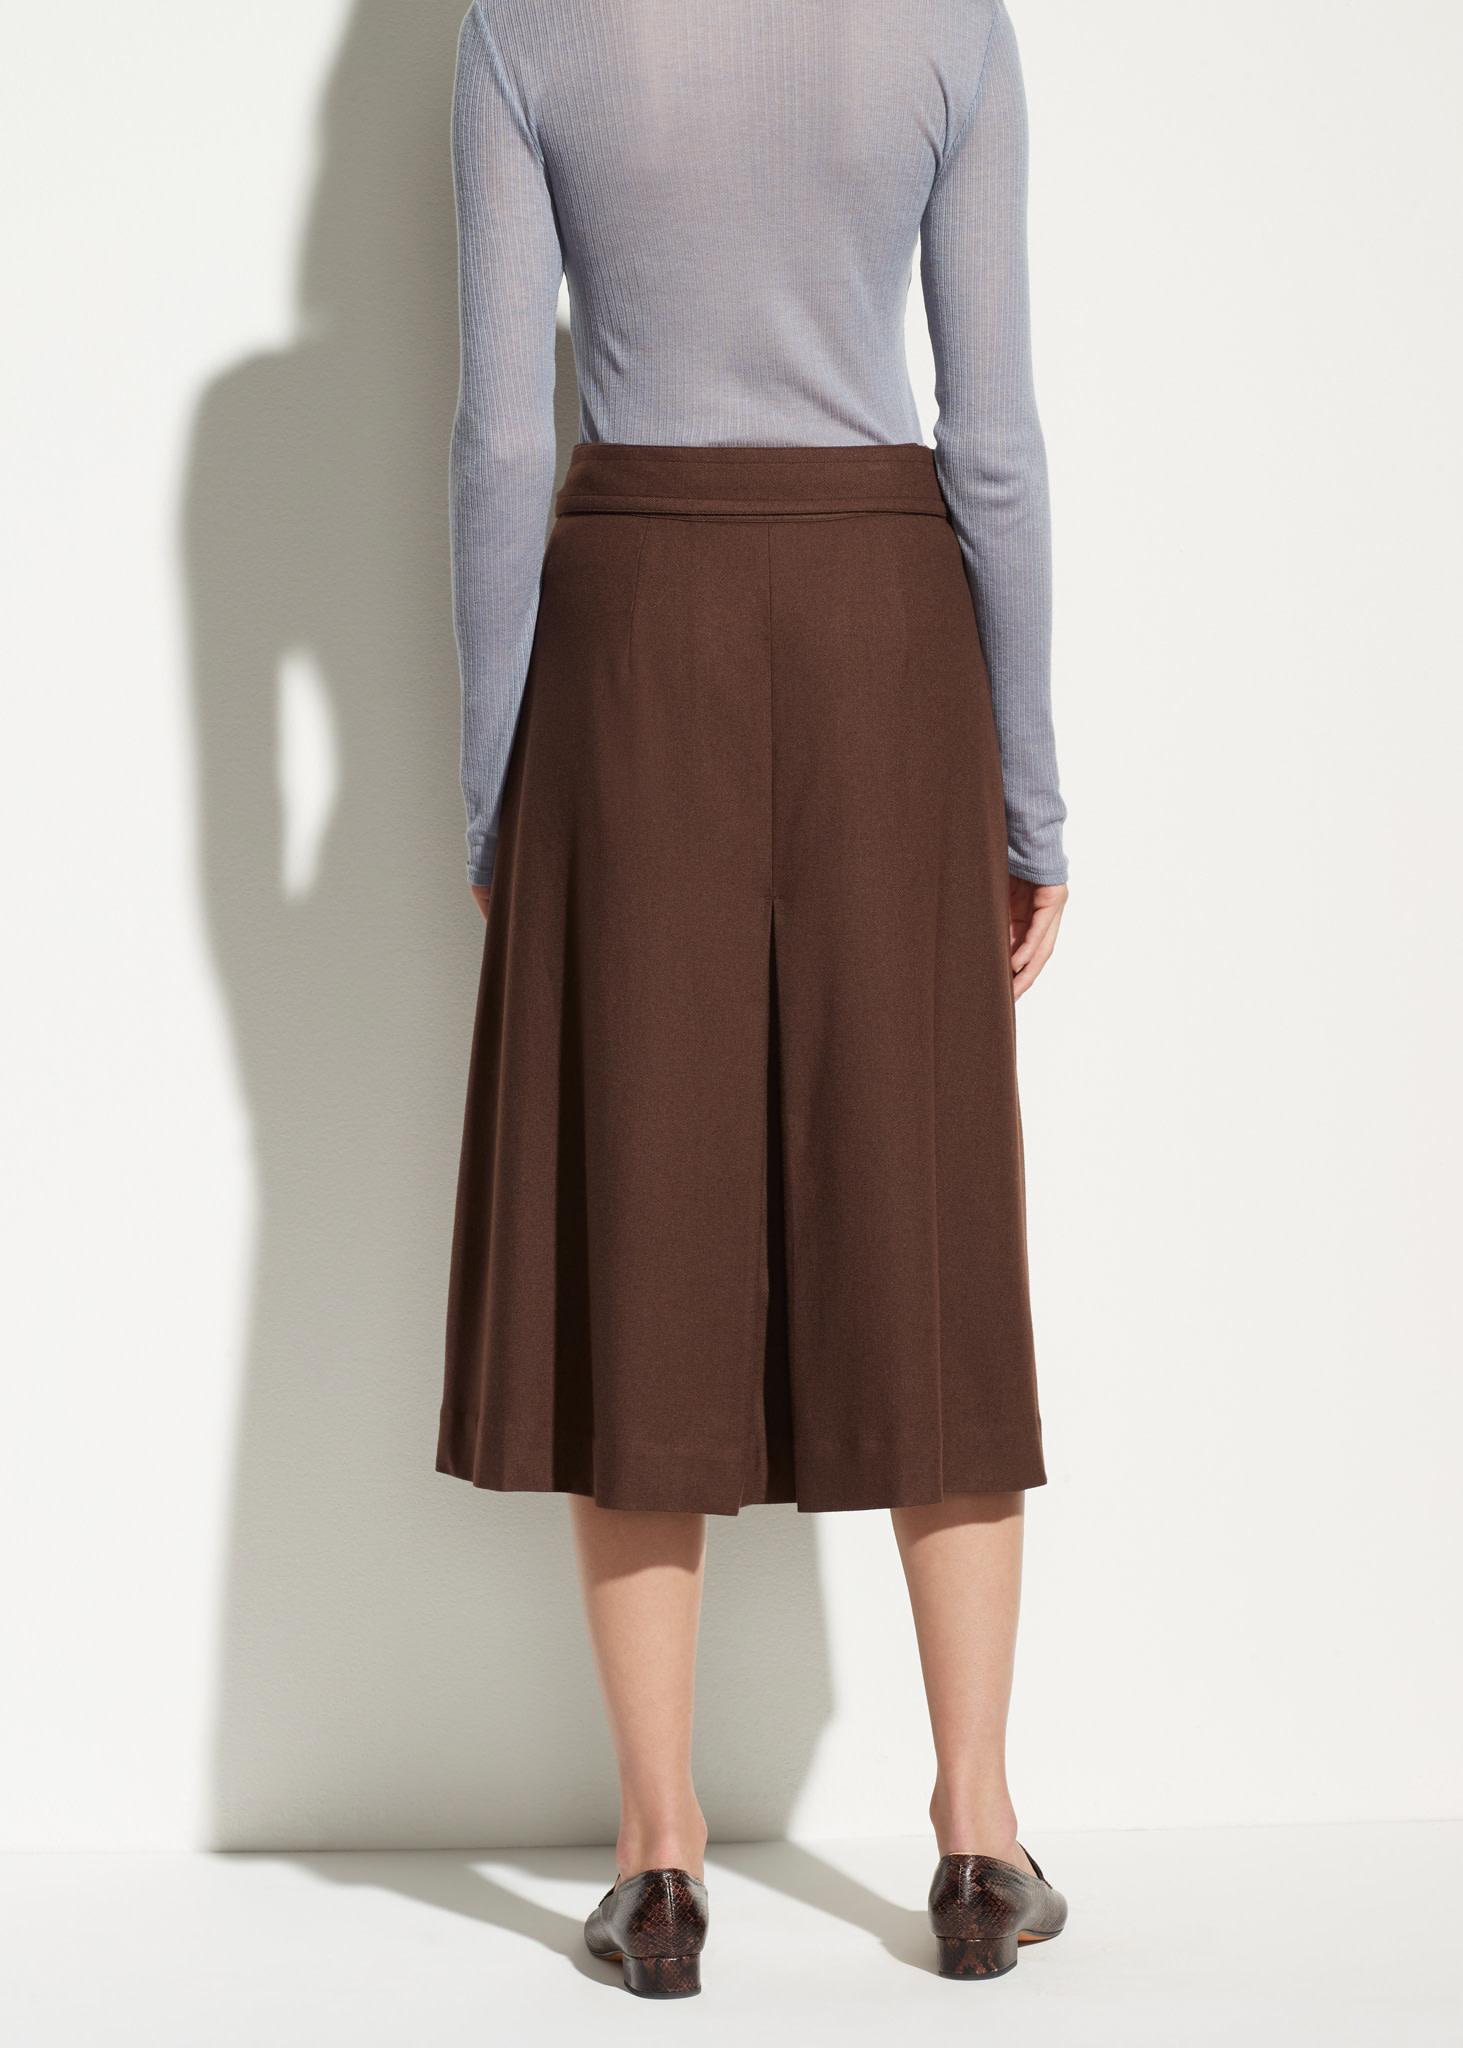 High waist belted skirt